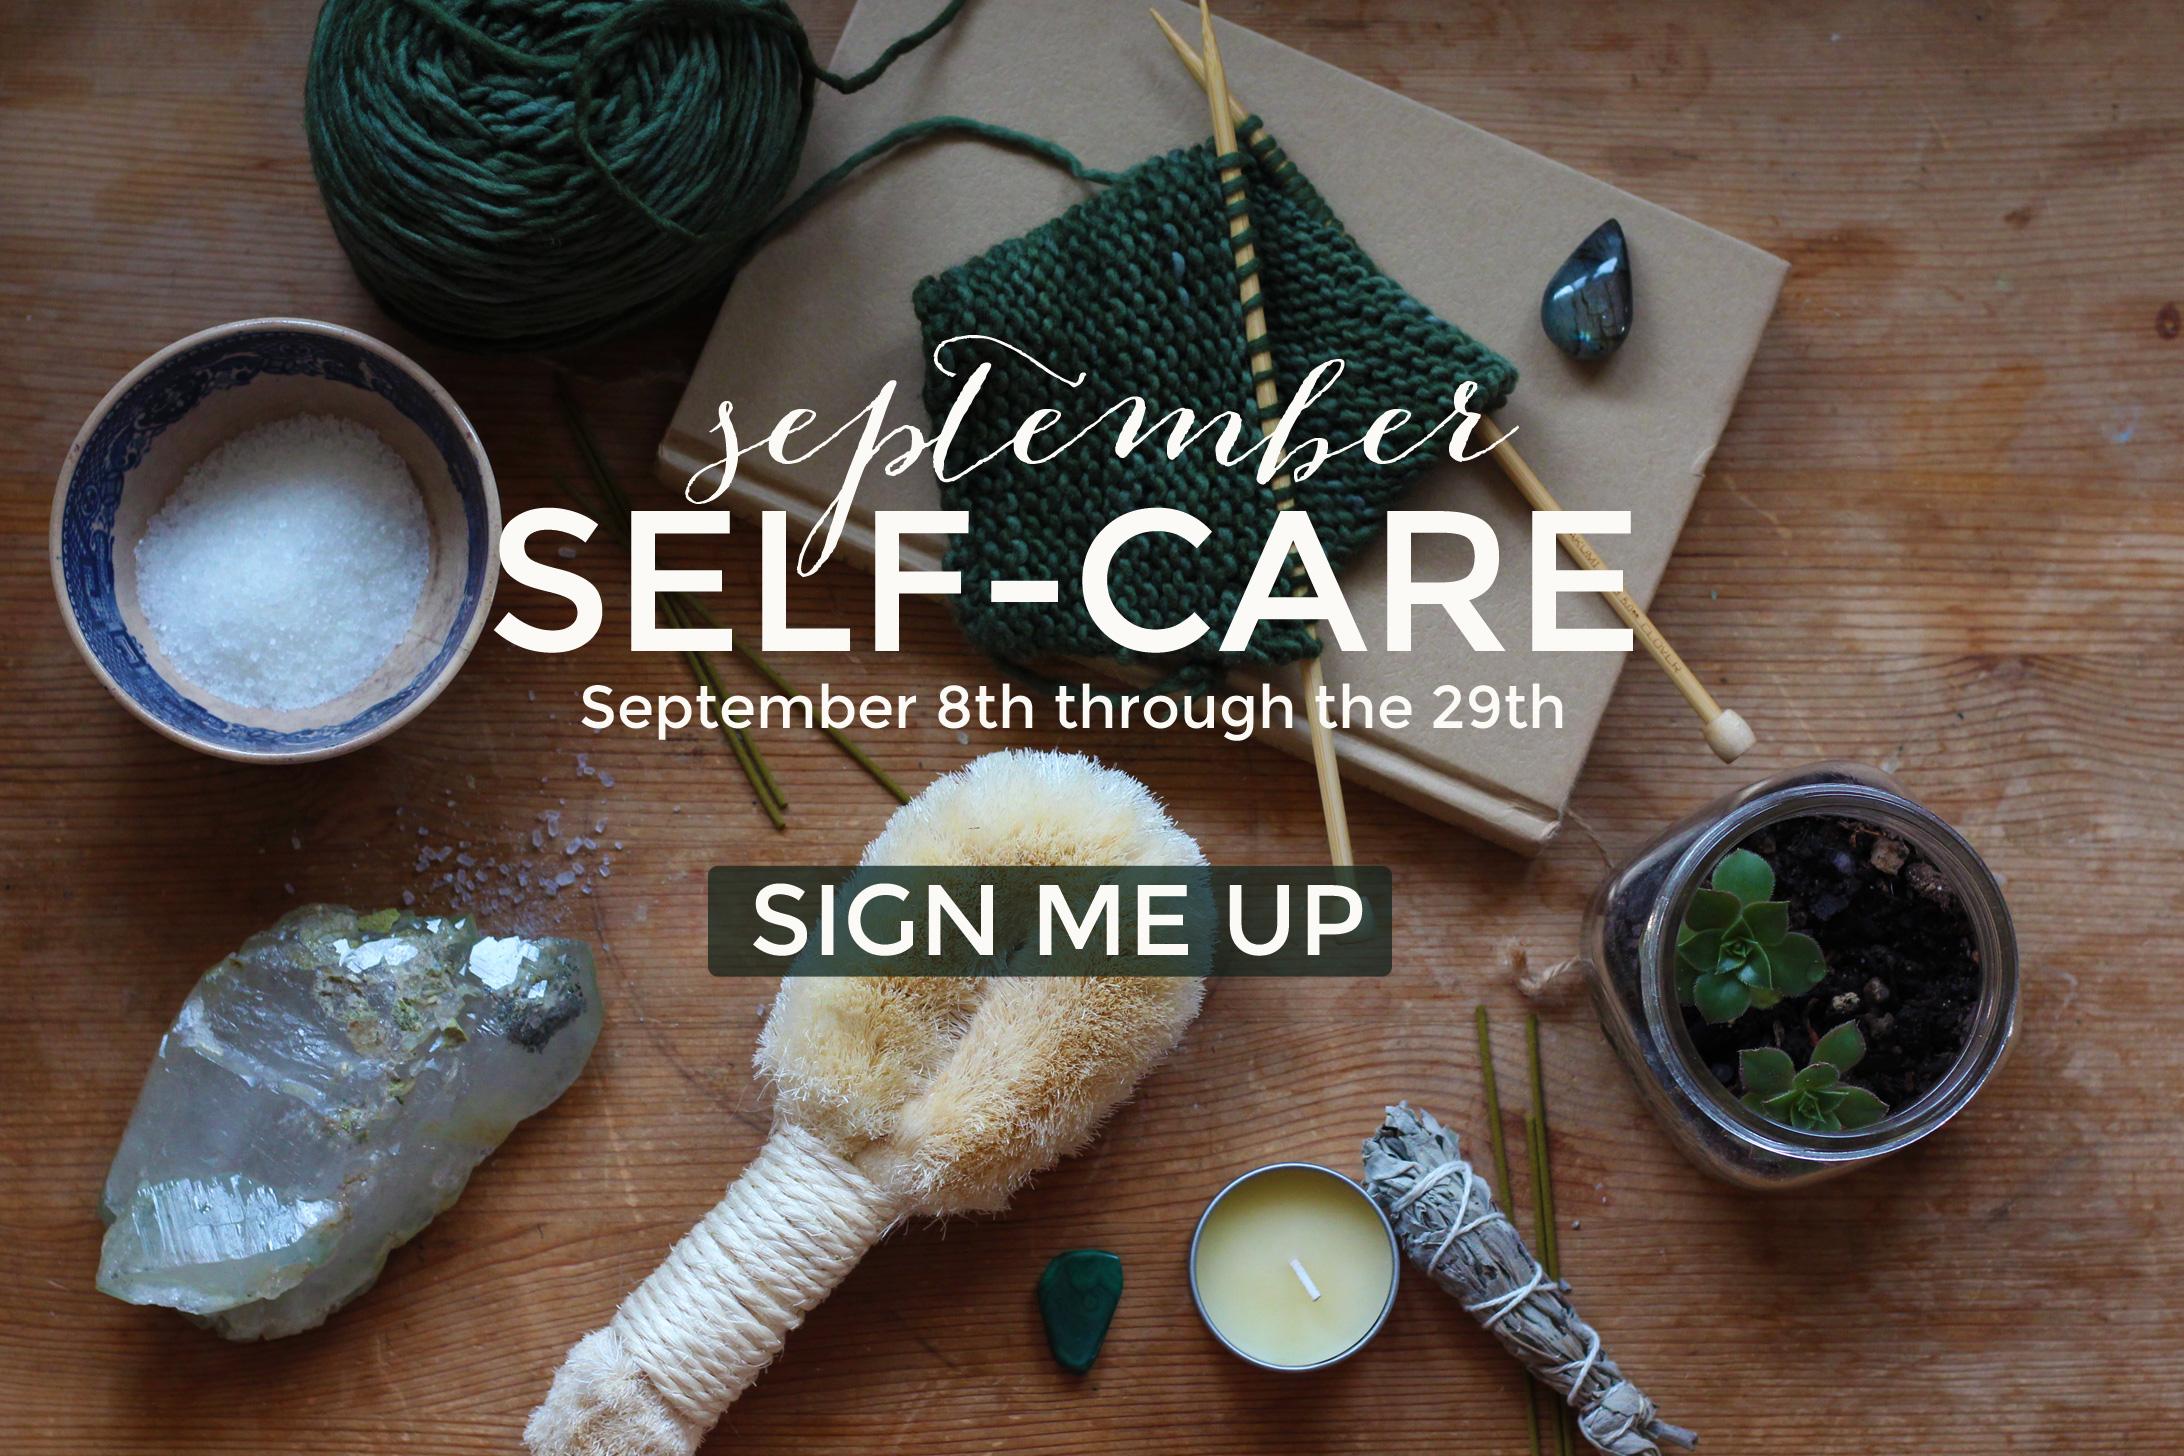 September Self-Care Program